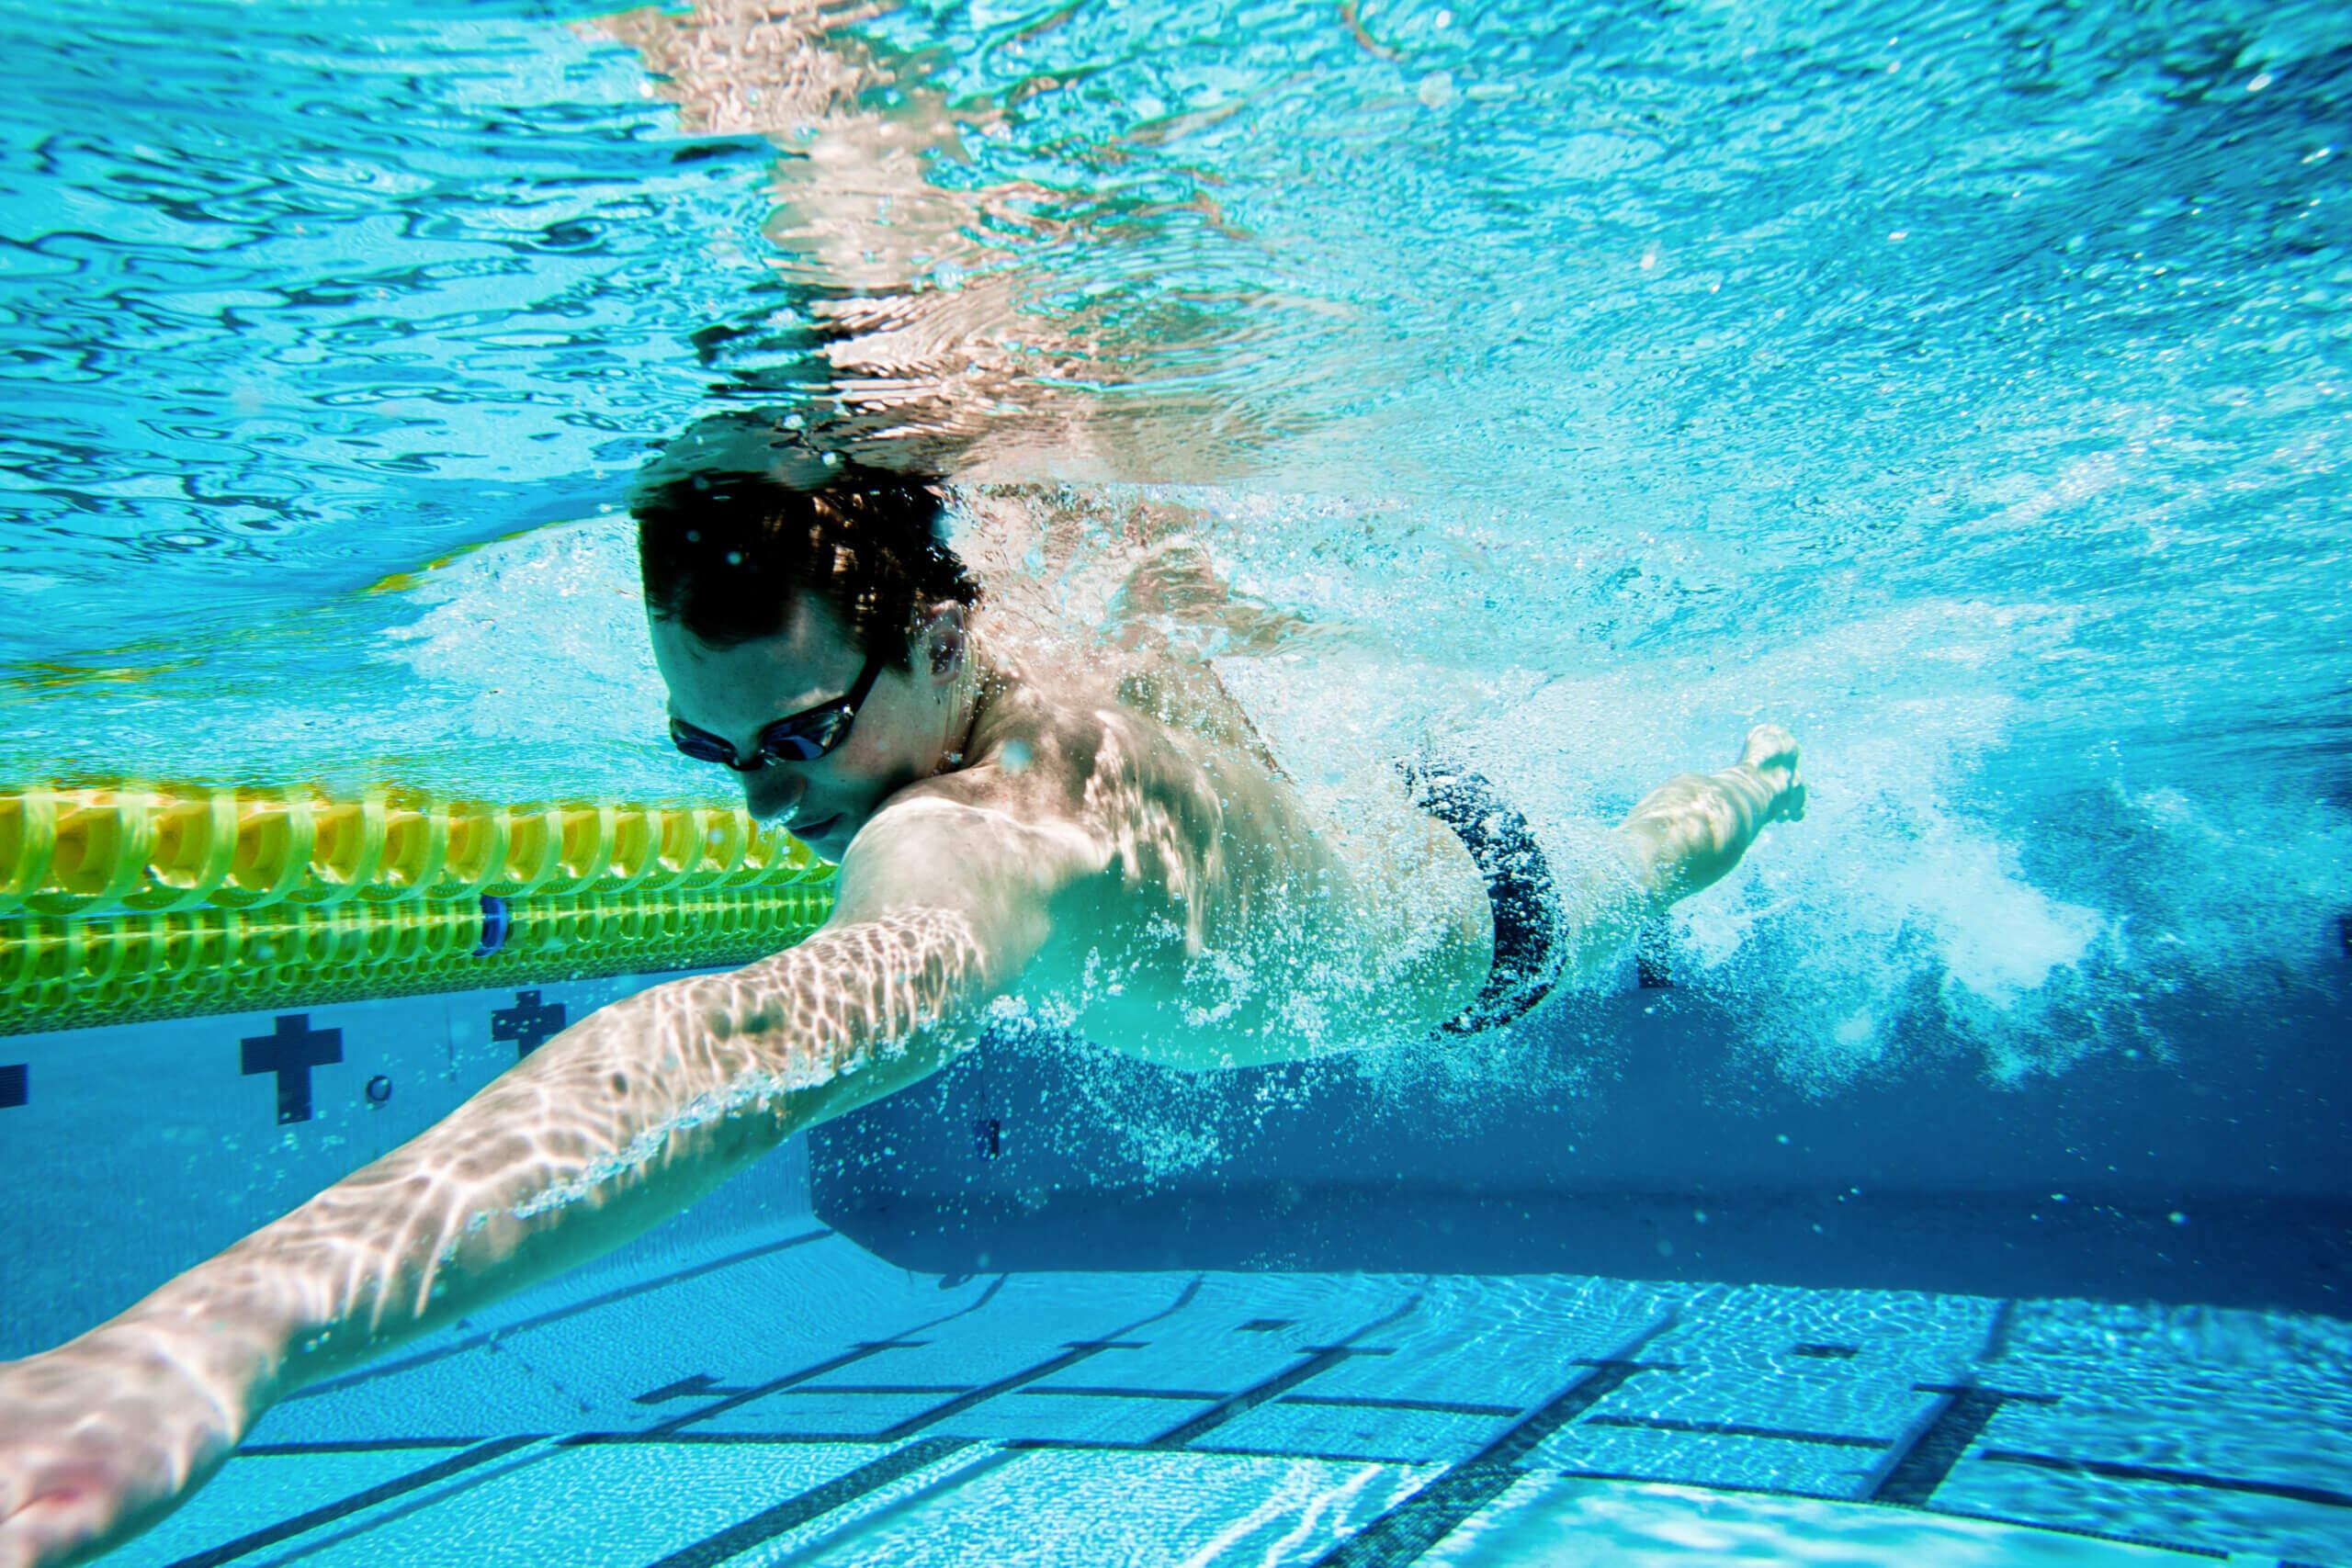 Muškarac pliva u bazenu